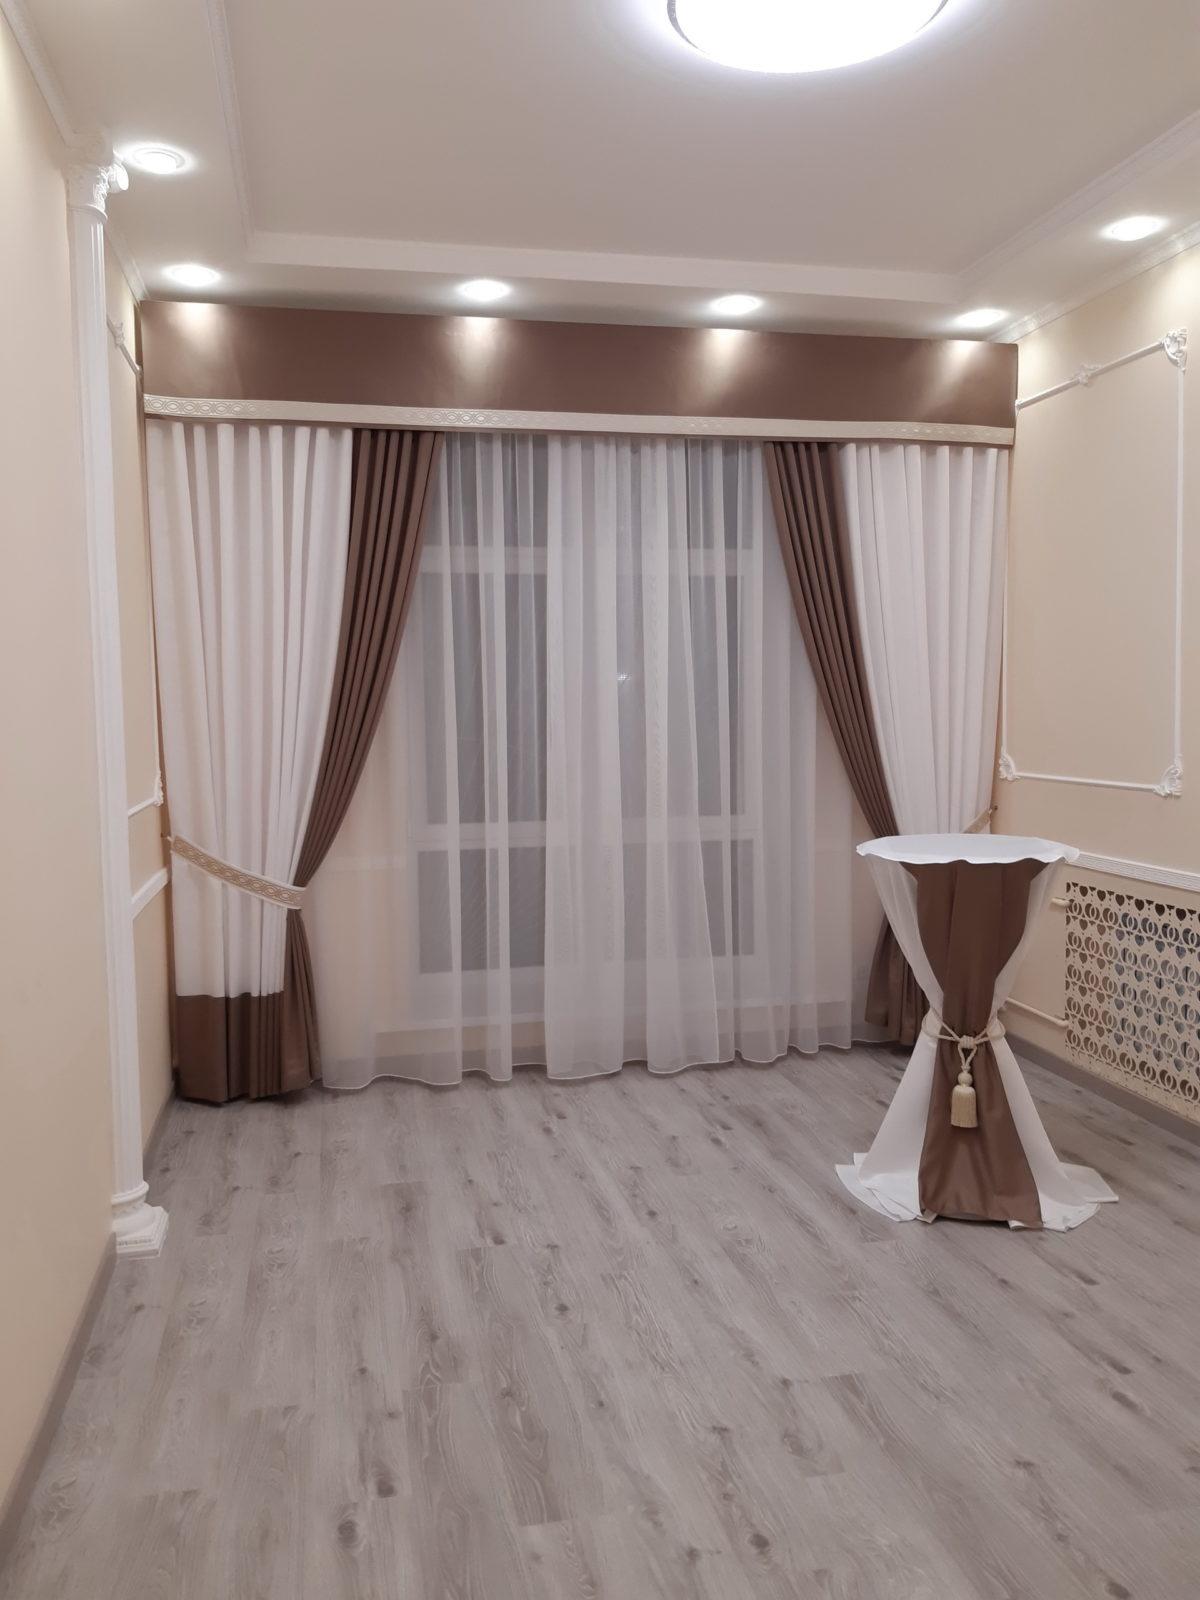 А это зал для регистраций в Голосеевском районе - выглядит скромно и камерно